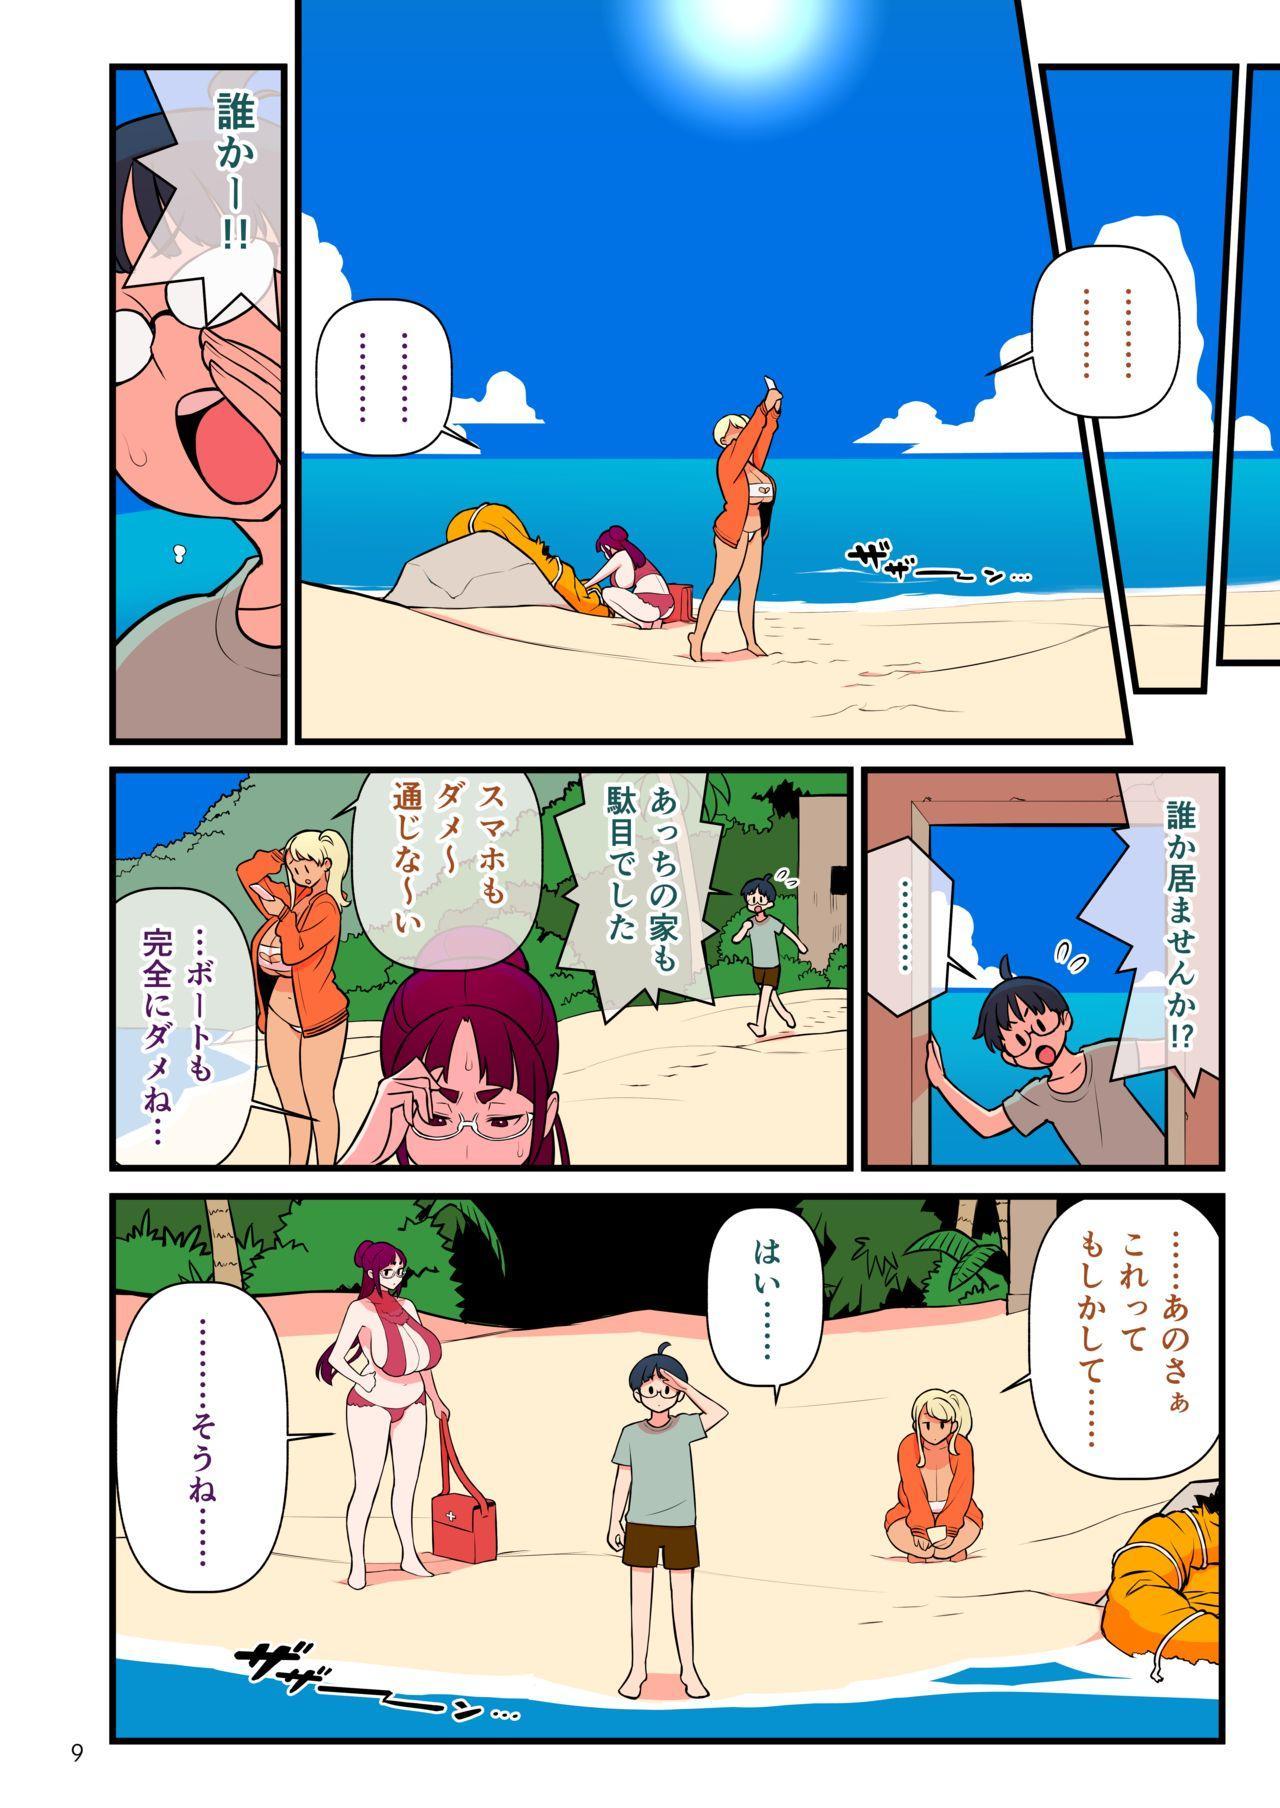 Kuro Gal VS Fuuki Iin - Black Gal VS Prefect 3 9